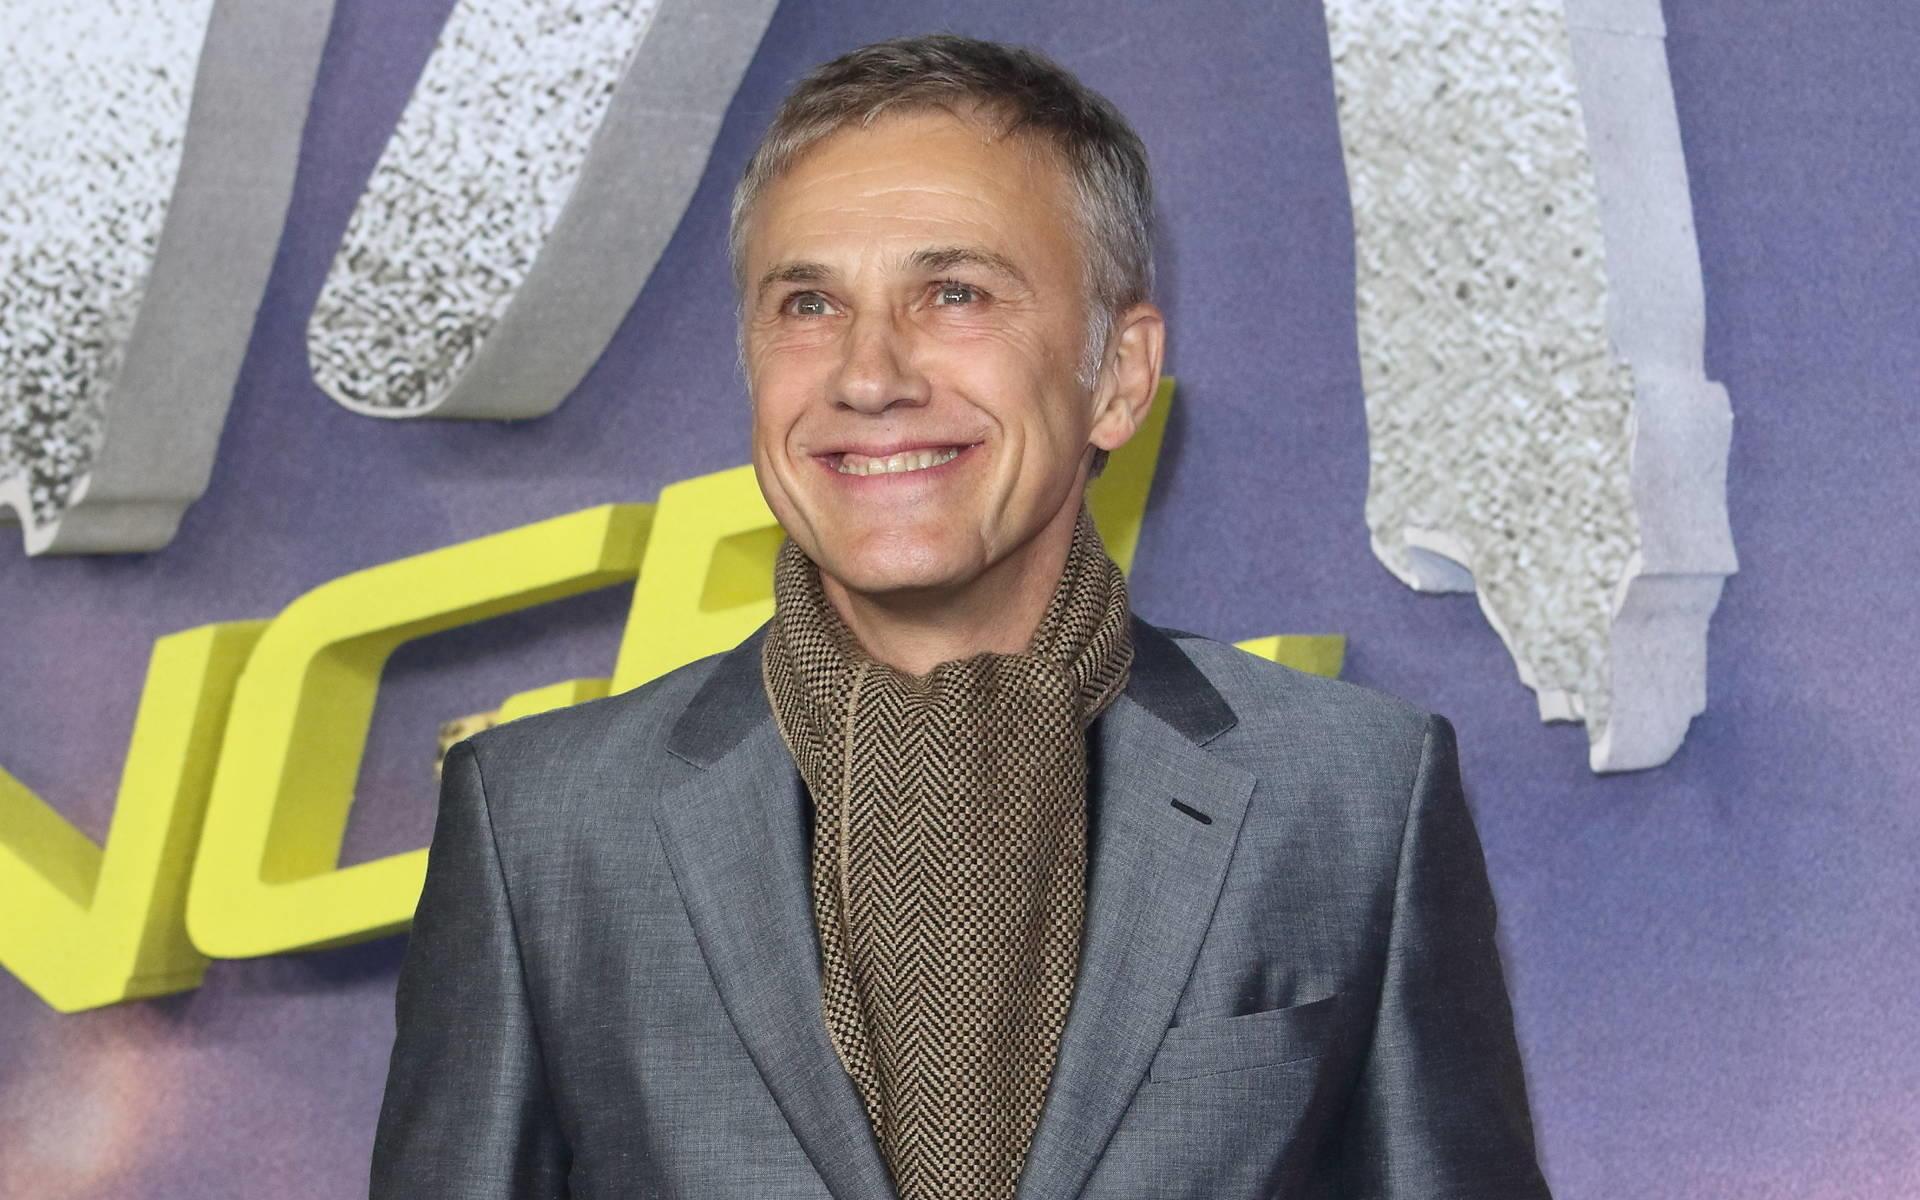 Neuer Bond Film Shatterhand übernimmt Christoph Waltz Wieder Die